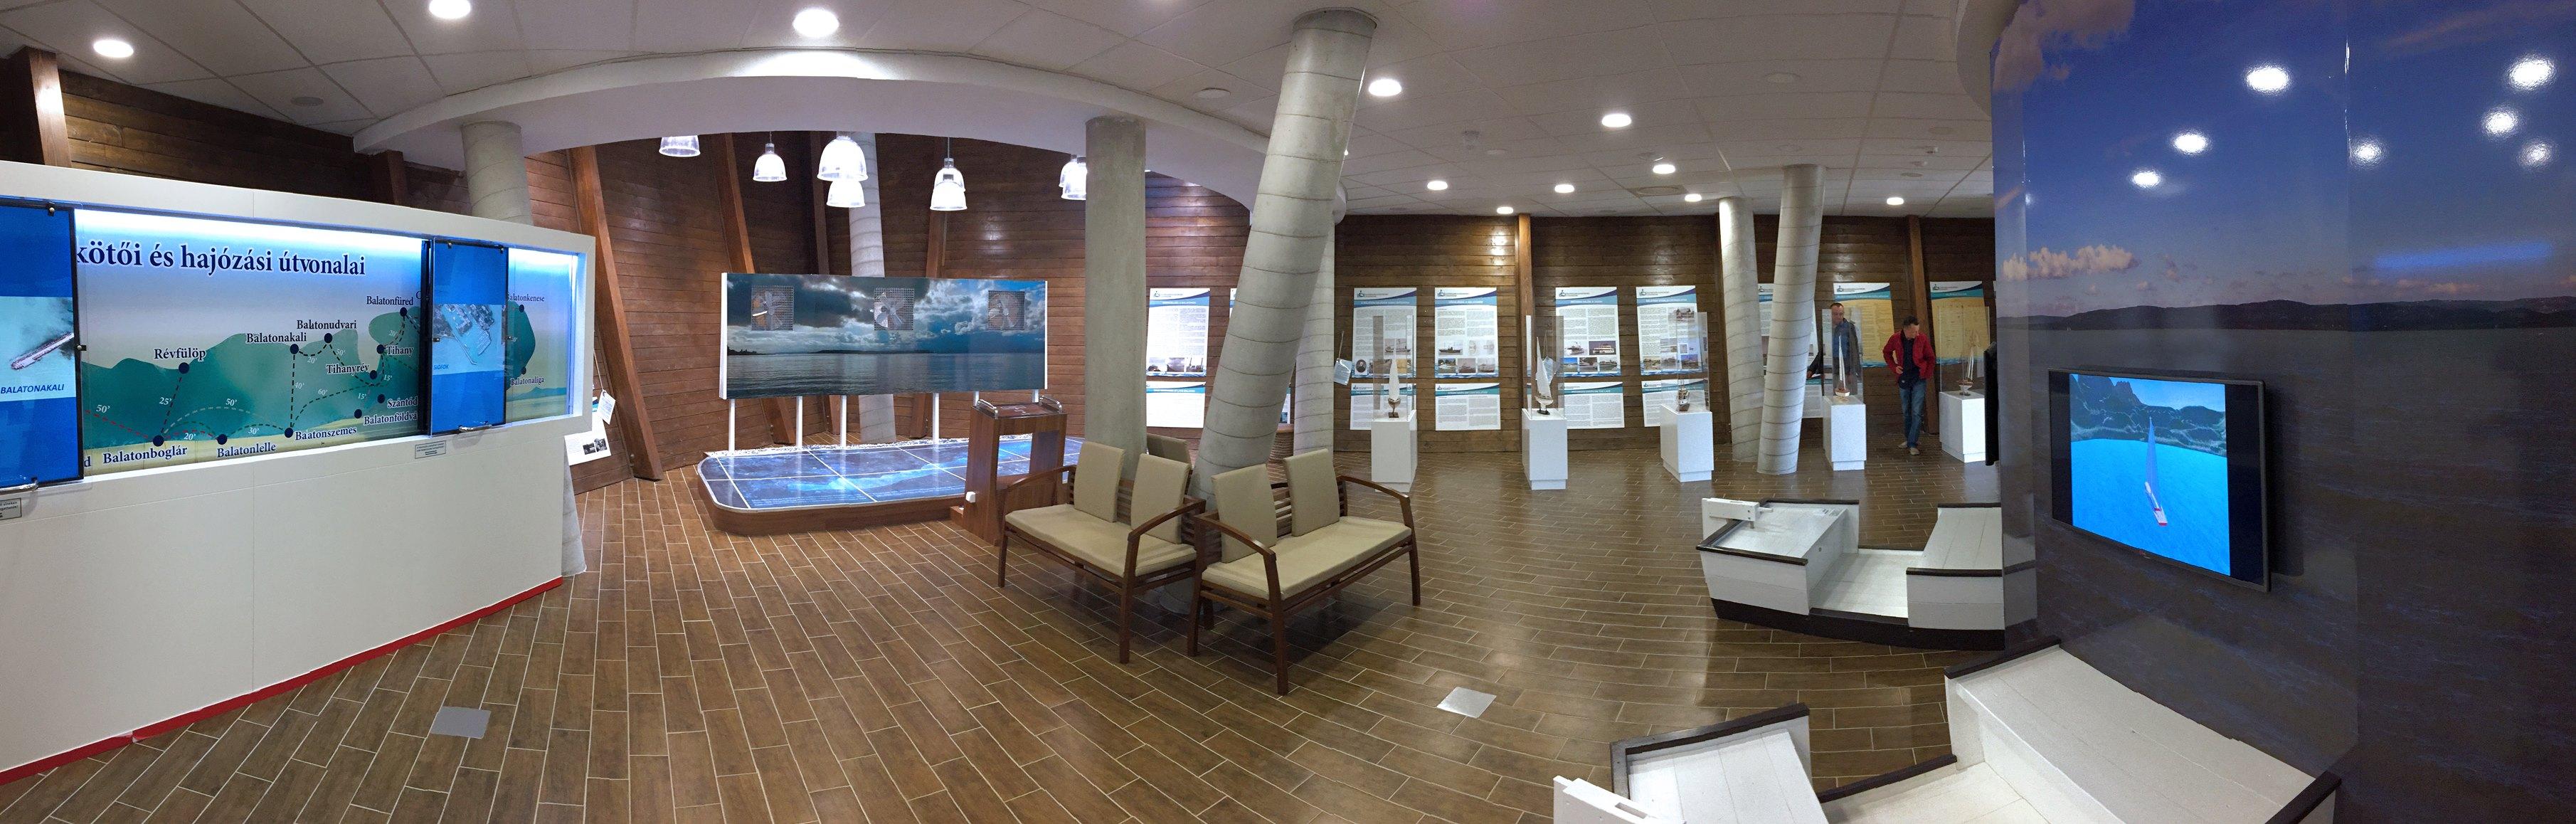 Balatonföldvári Hajózástörténeti Látogatóközpont